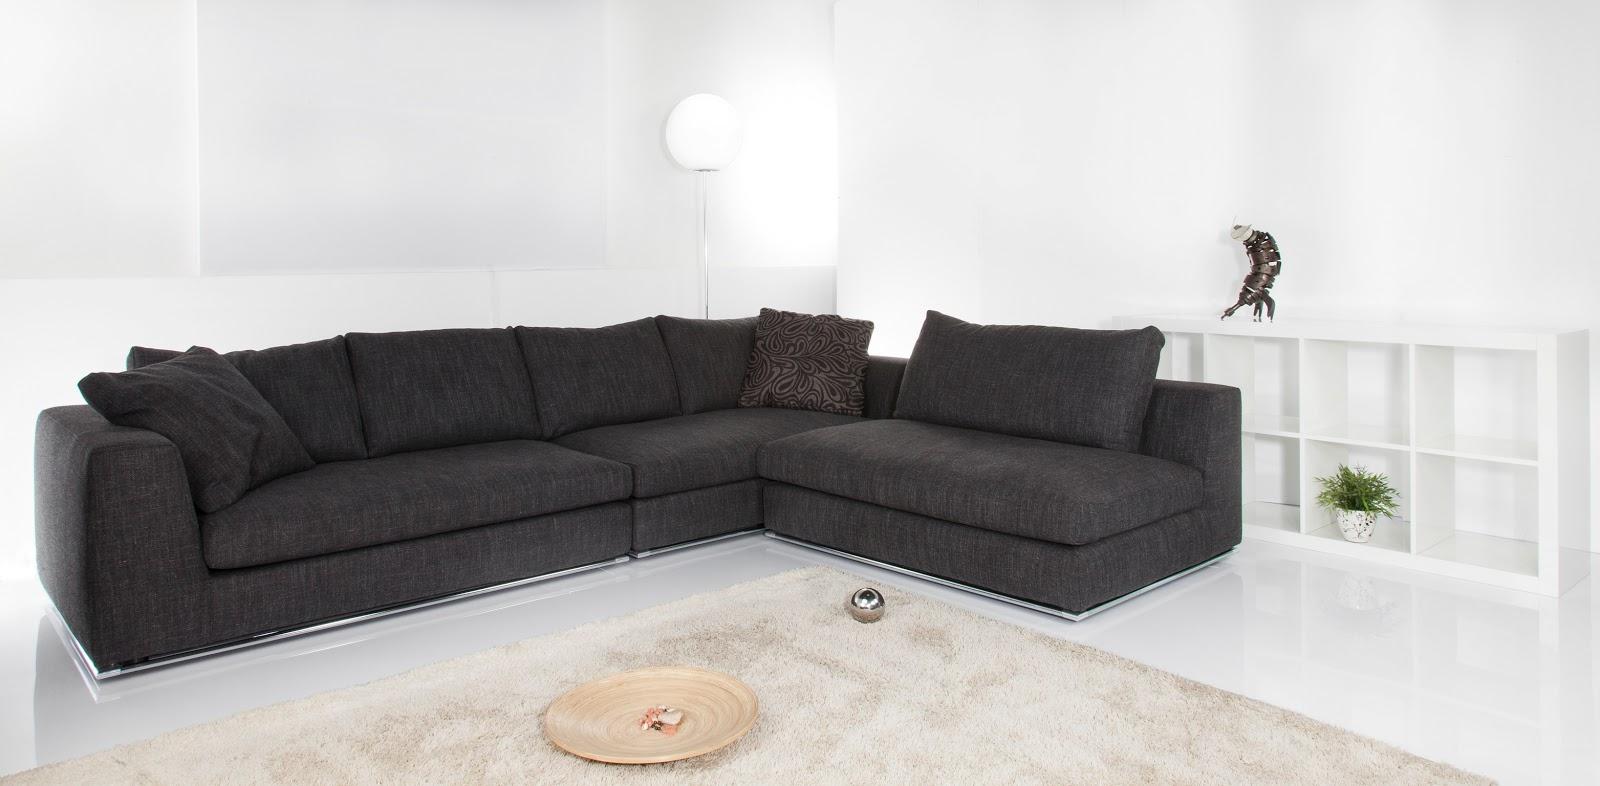 Nuovo divano componibile oasi tino mariani for Nuovo arredo divani letto